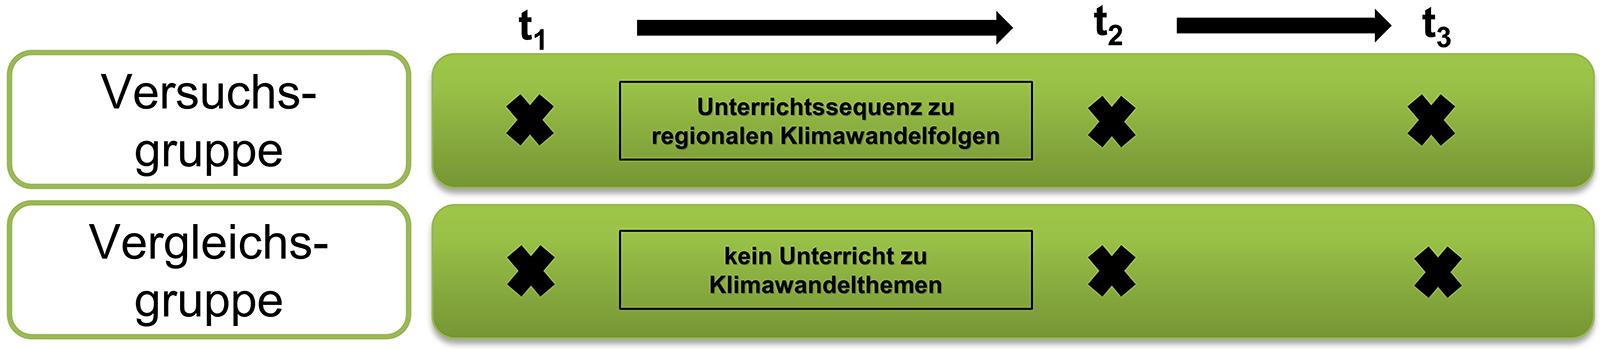 Zwei-Gruppen-Untersuchungsdesign mit drei Messzeitpunkten: In der Versuchsgruppe mit Unterricht zu regionalen Klimawandelfolgen, in der Vergleichsgruppe ohne entsprechenden Unterricht | Baytreenet, FAU